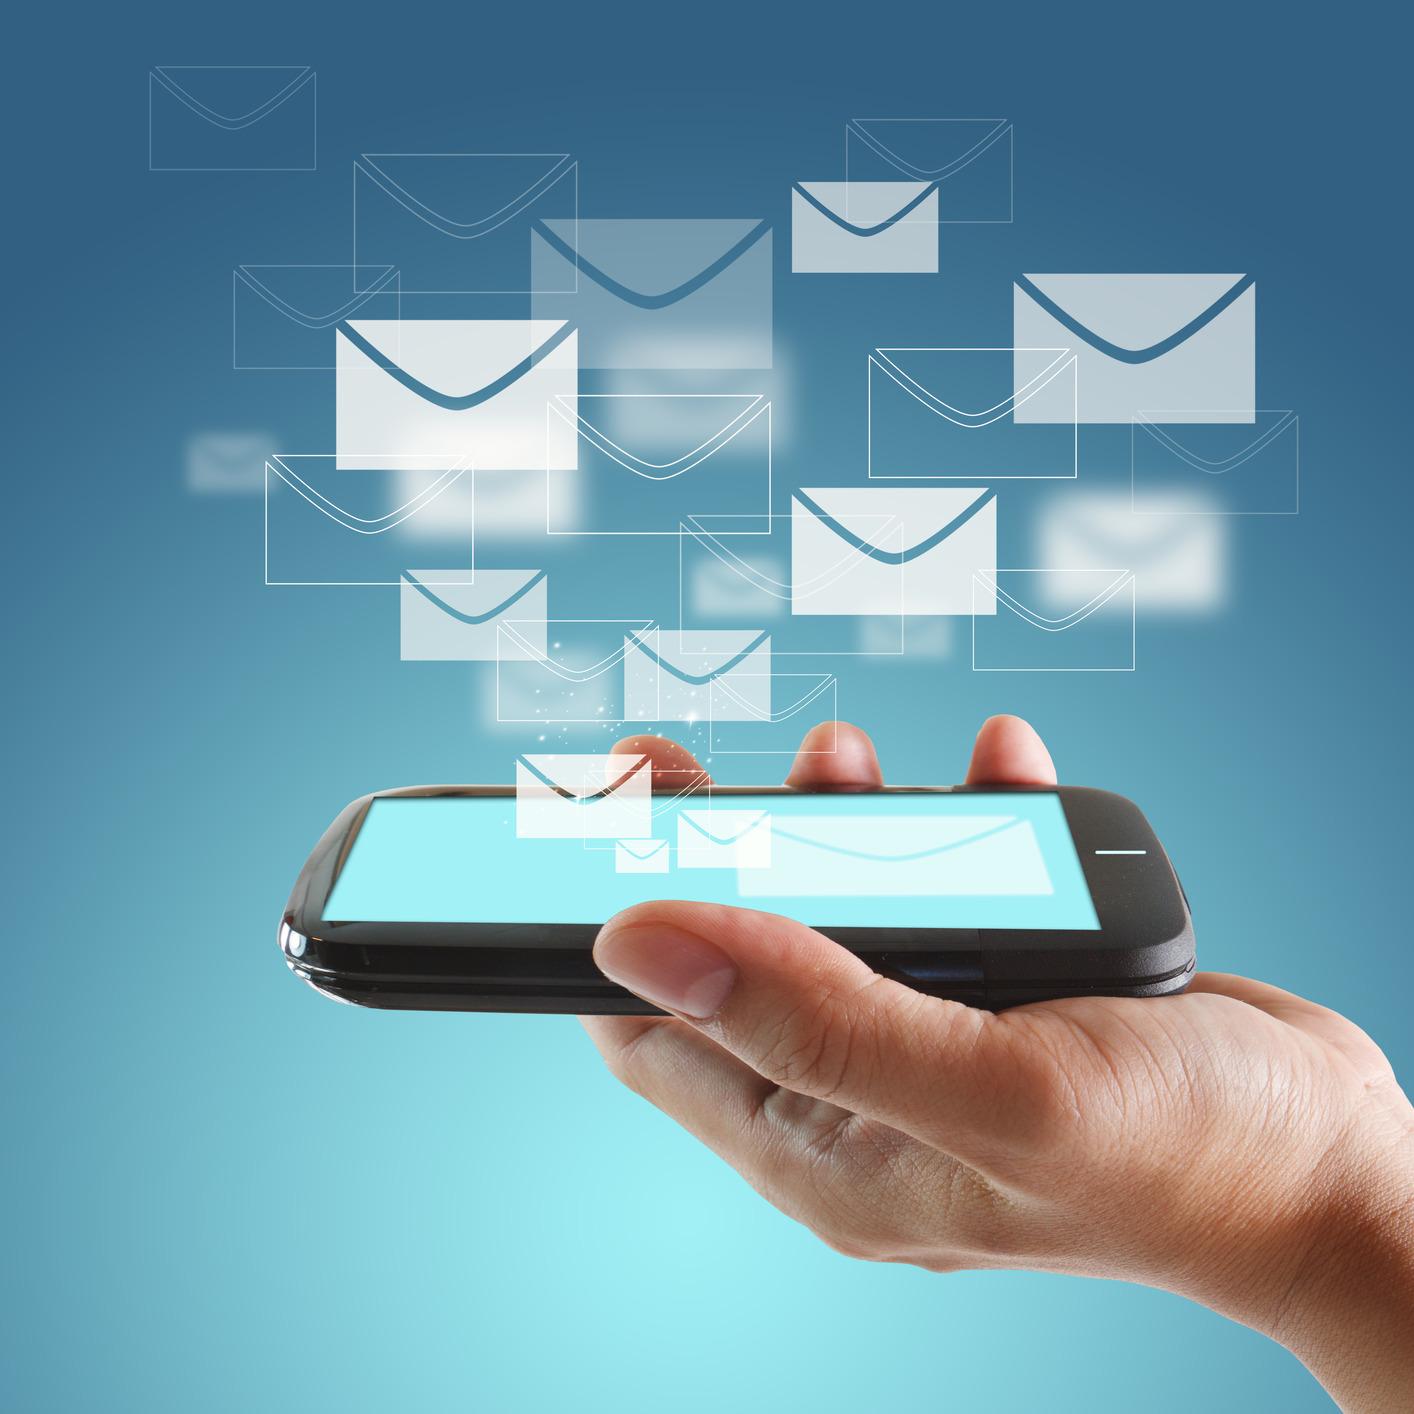 Cách thực hiện chiến dịch sms marketing đạt hiệu quả cao